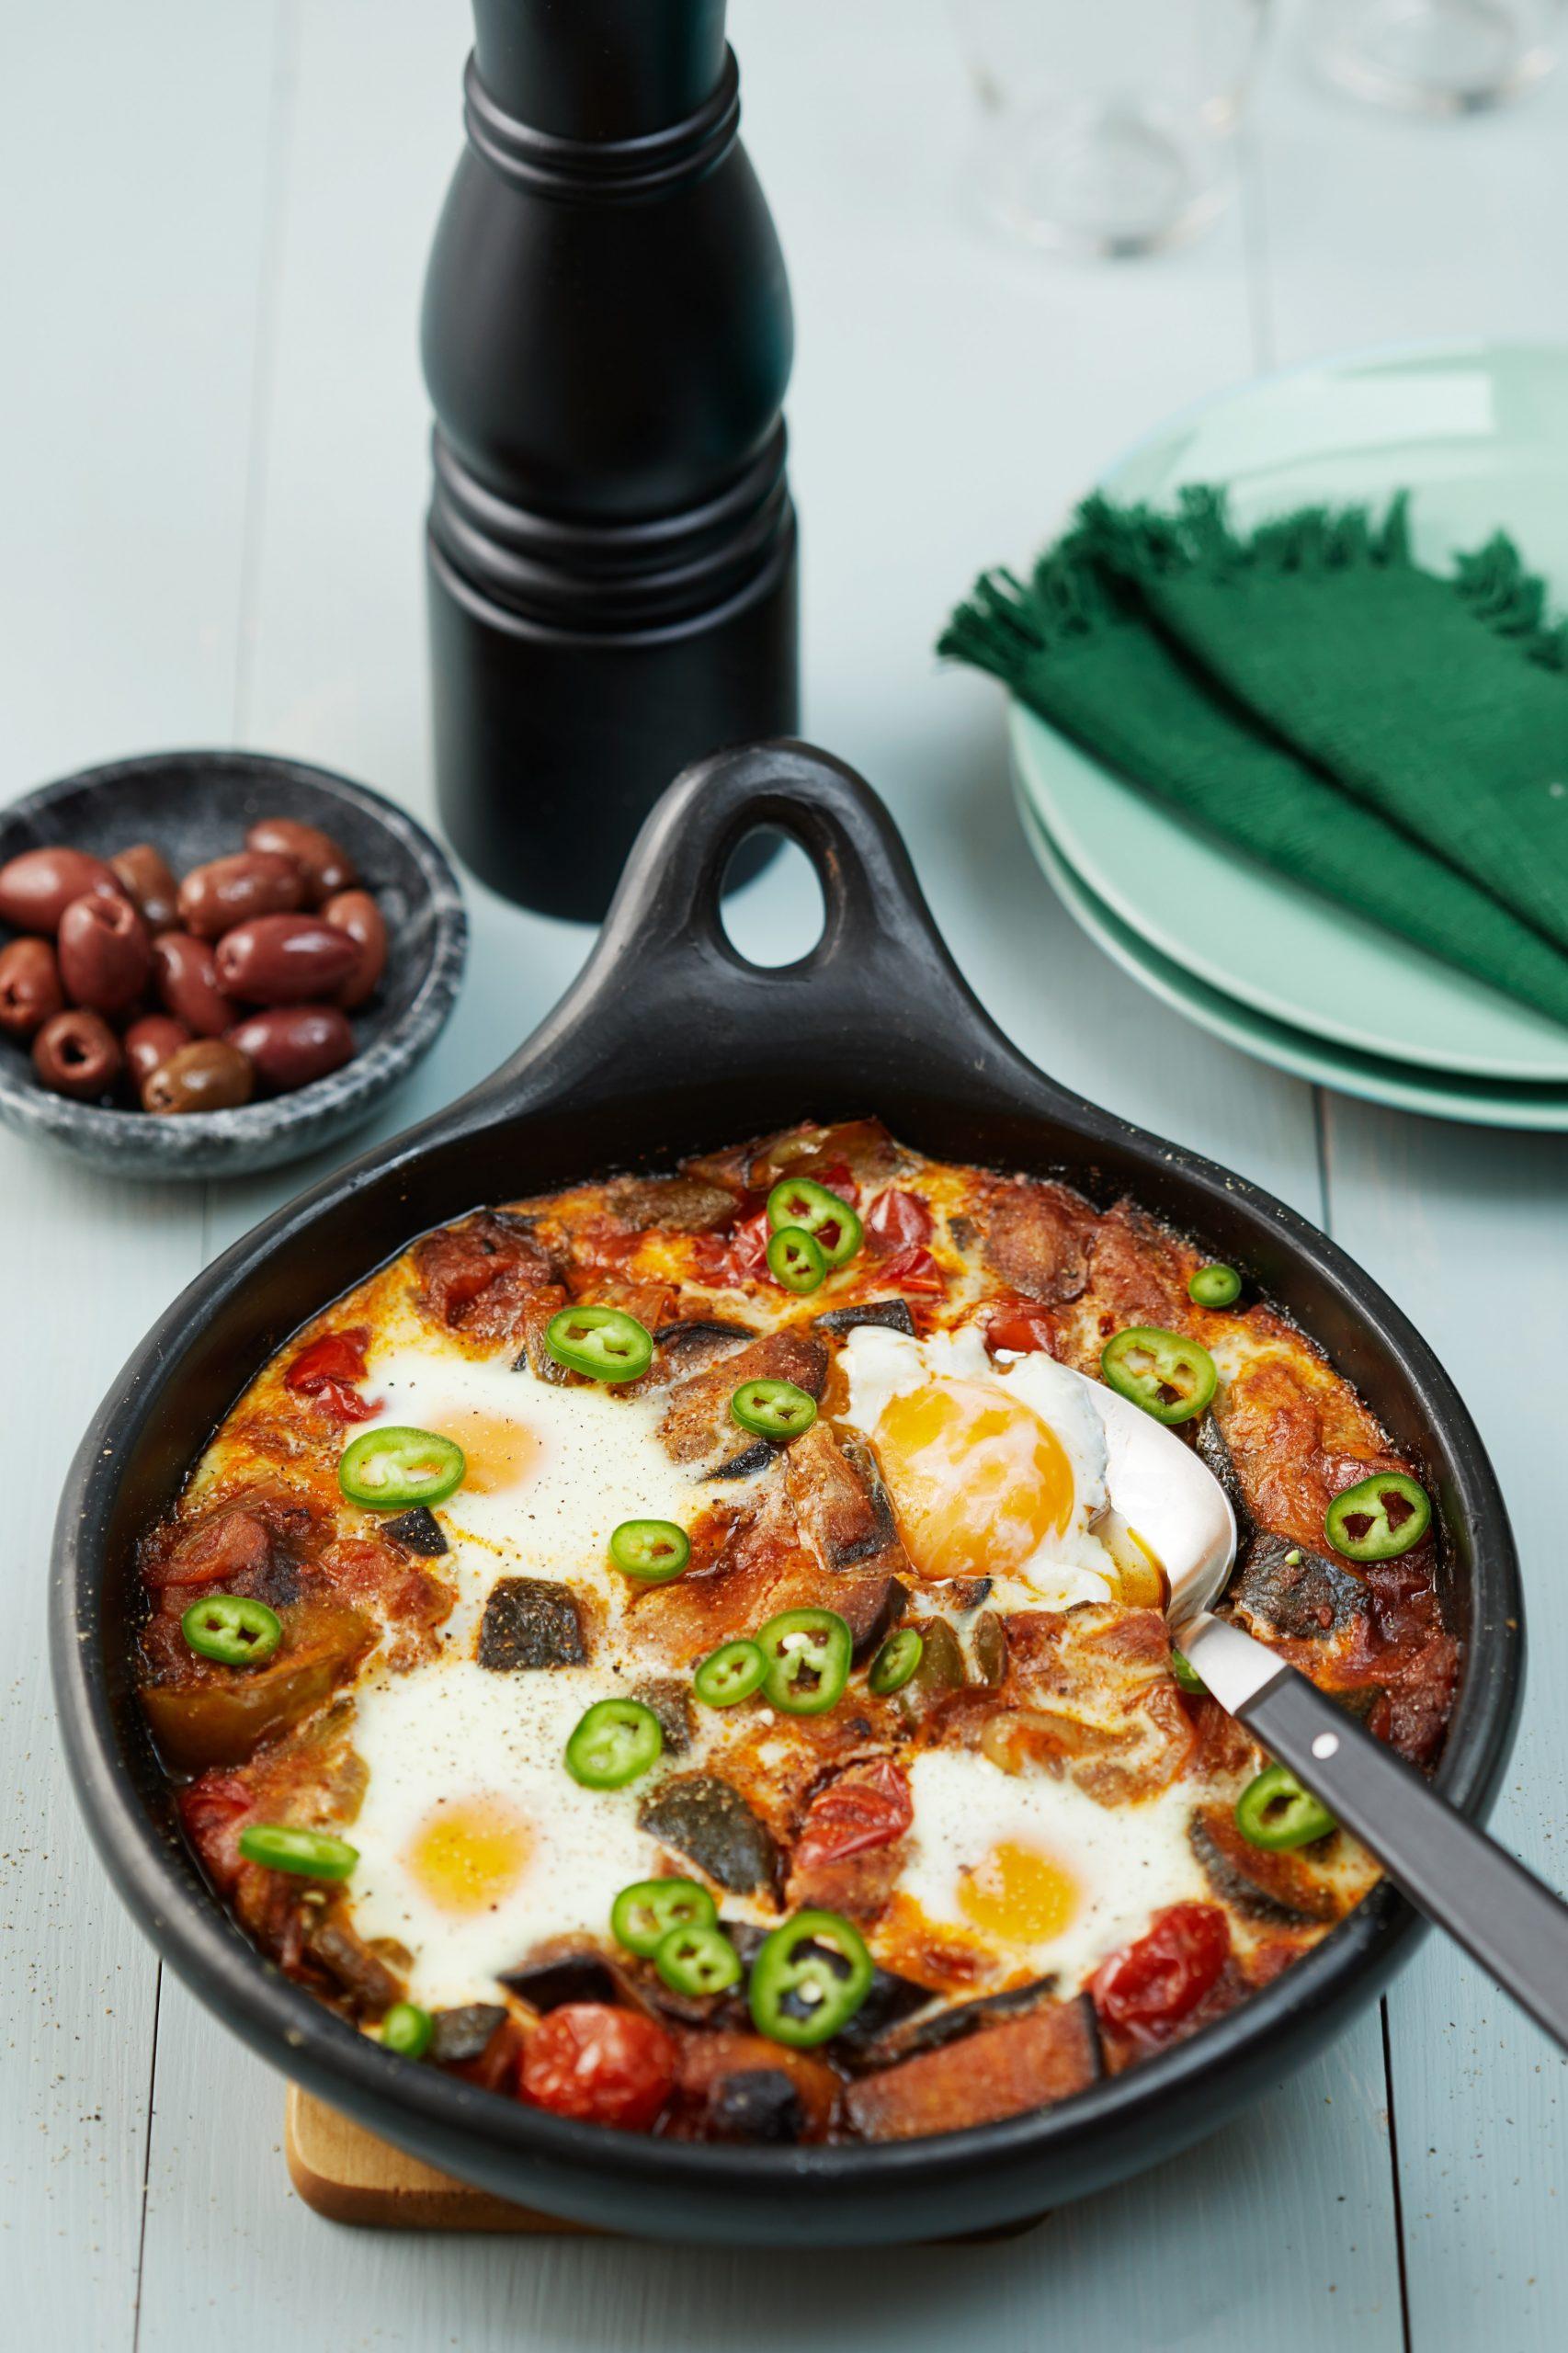 Photo of Receta de Ratatouille vegetariano bajo en huevos fritos.